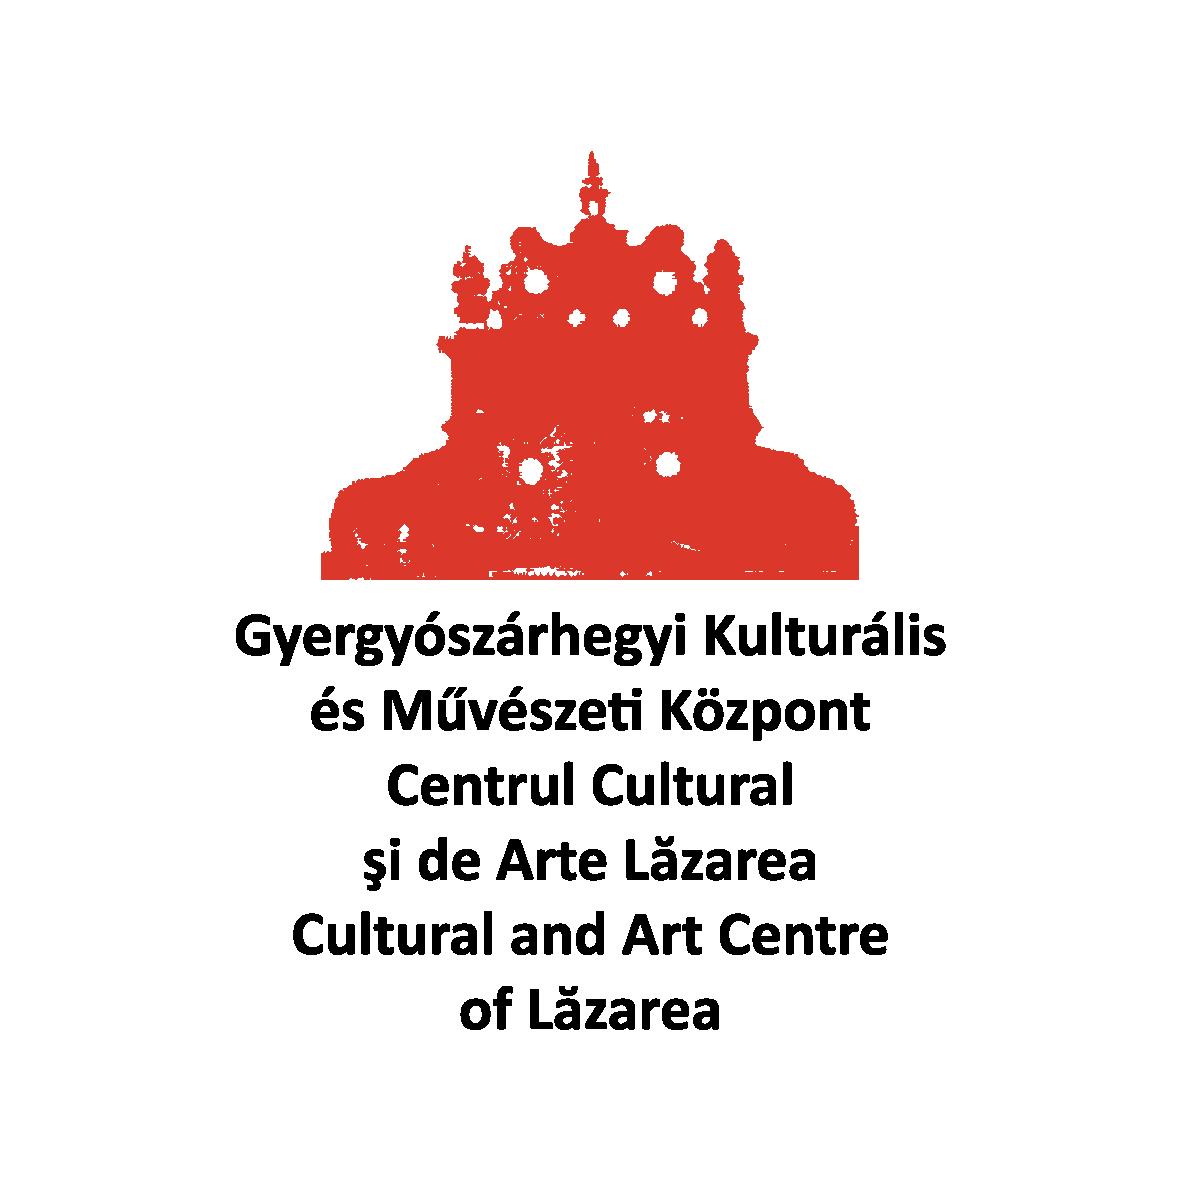 Gyergyószárhegyi Kulturális és Művészeti Központ